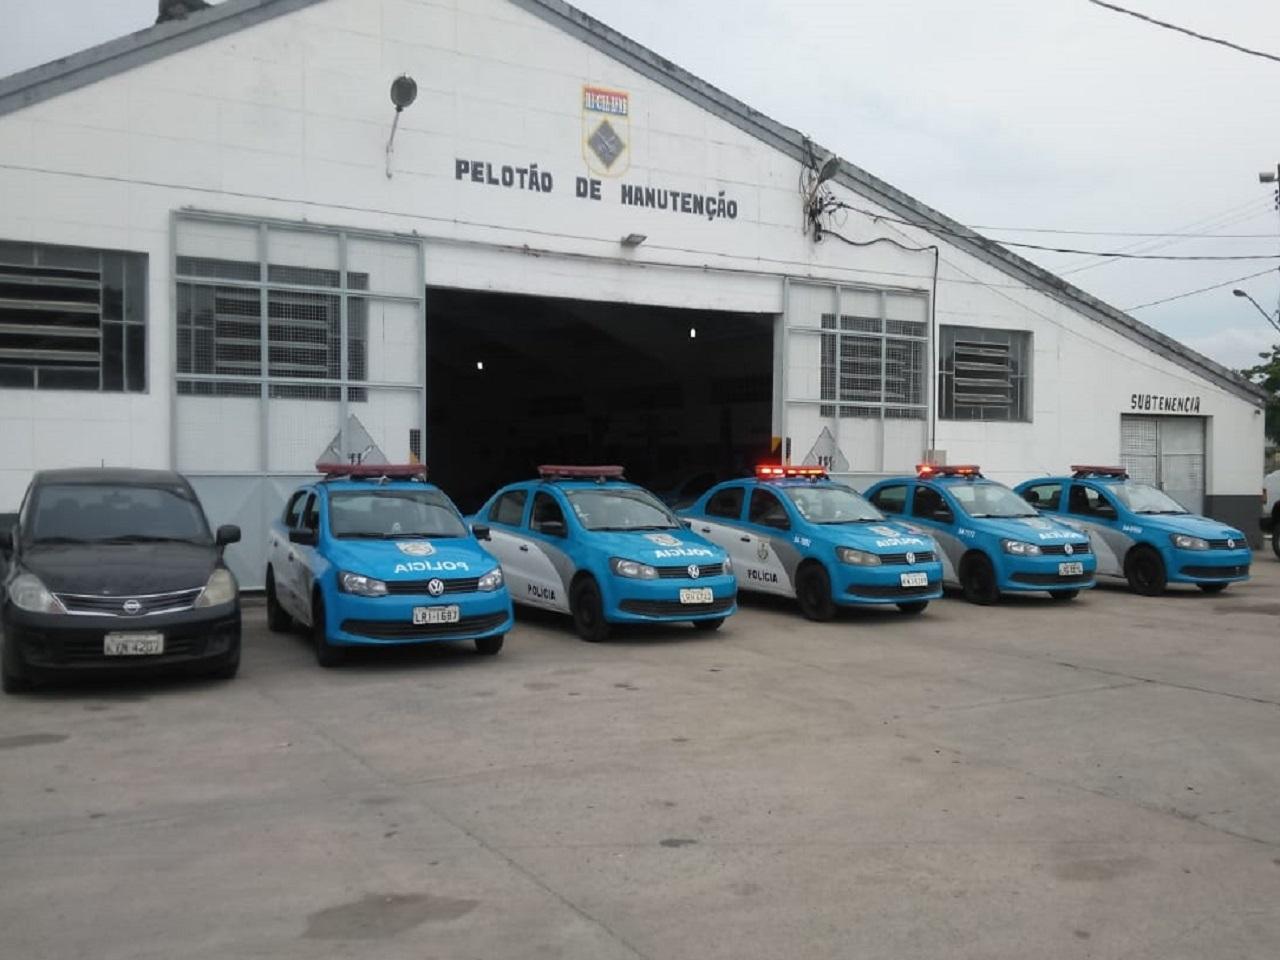 Exército entrega último lote de viaturas para os órgãos de segurança e ordem pública do Estado do Rio